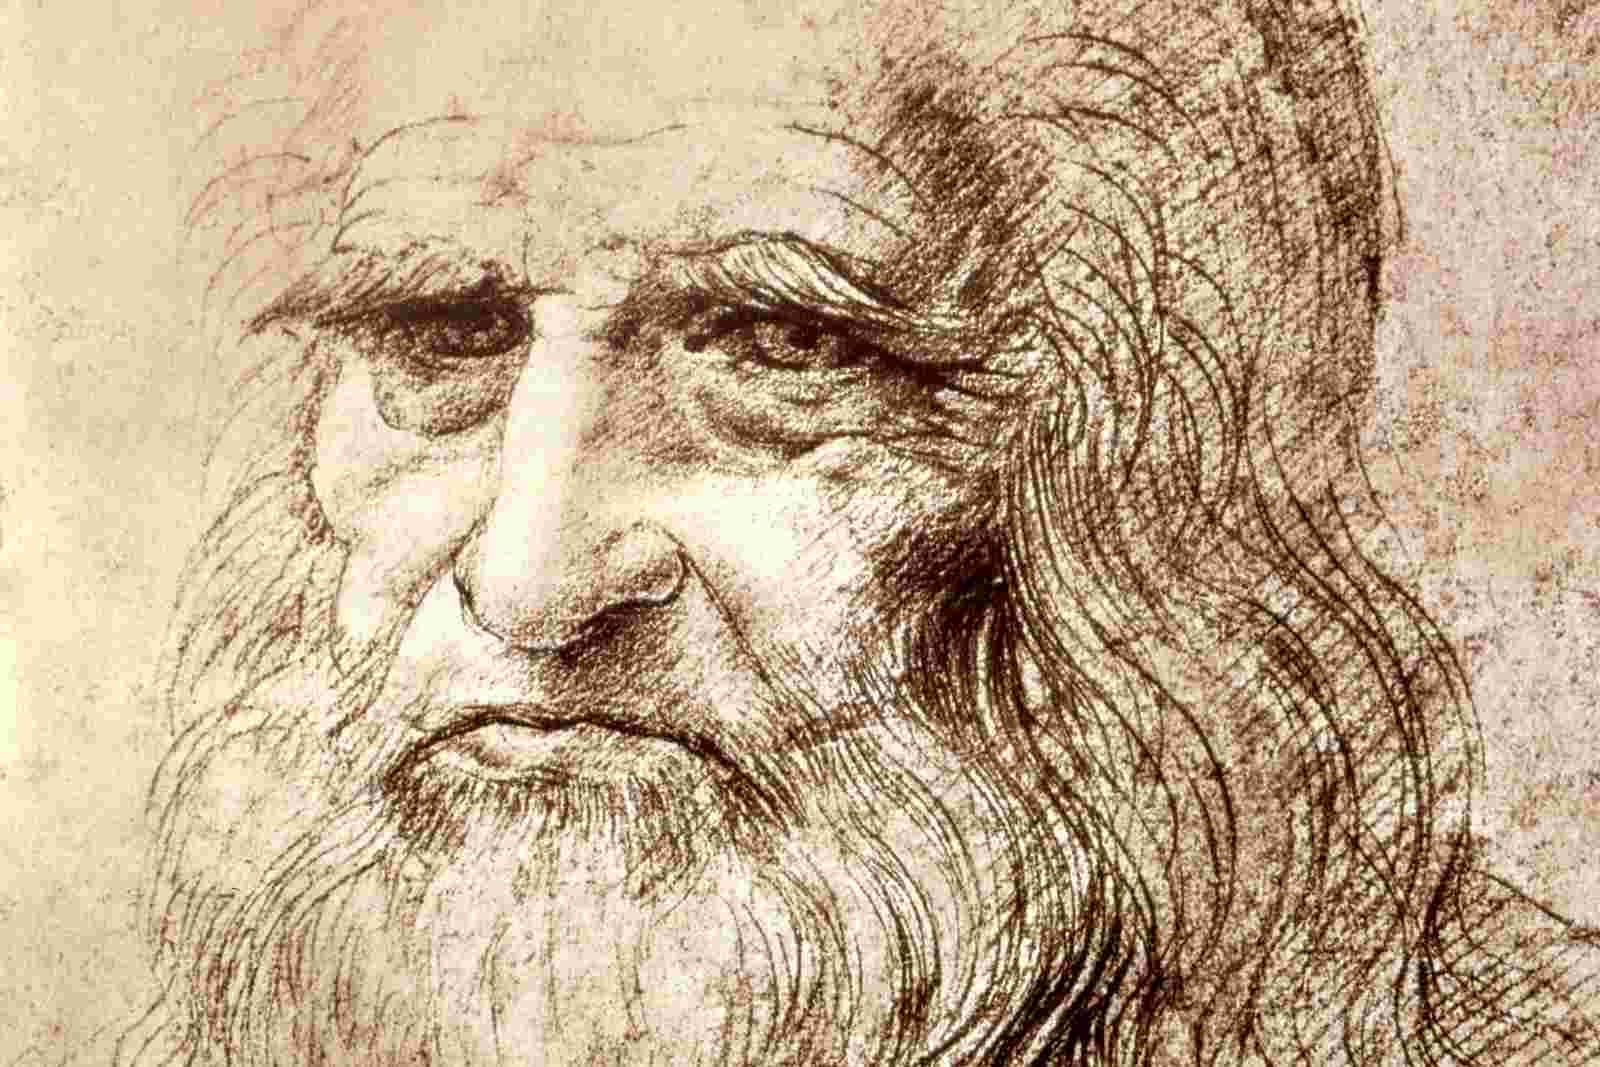 Self Portrait (Leonardo da Vinci, 1512)